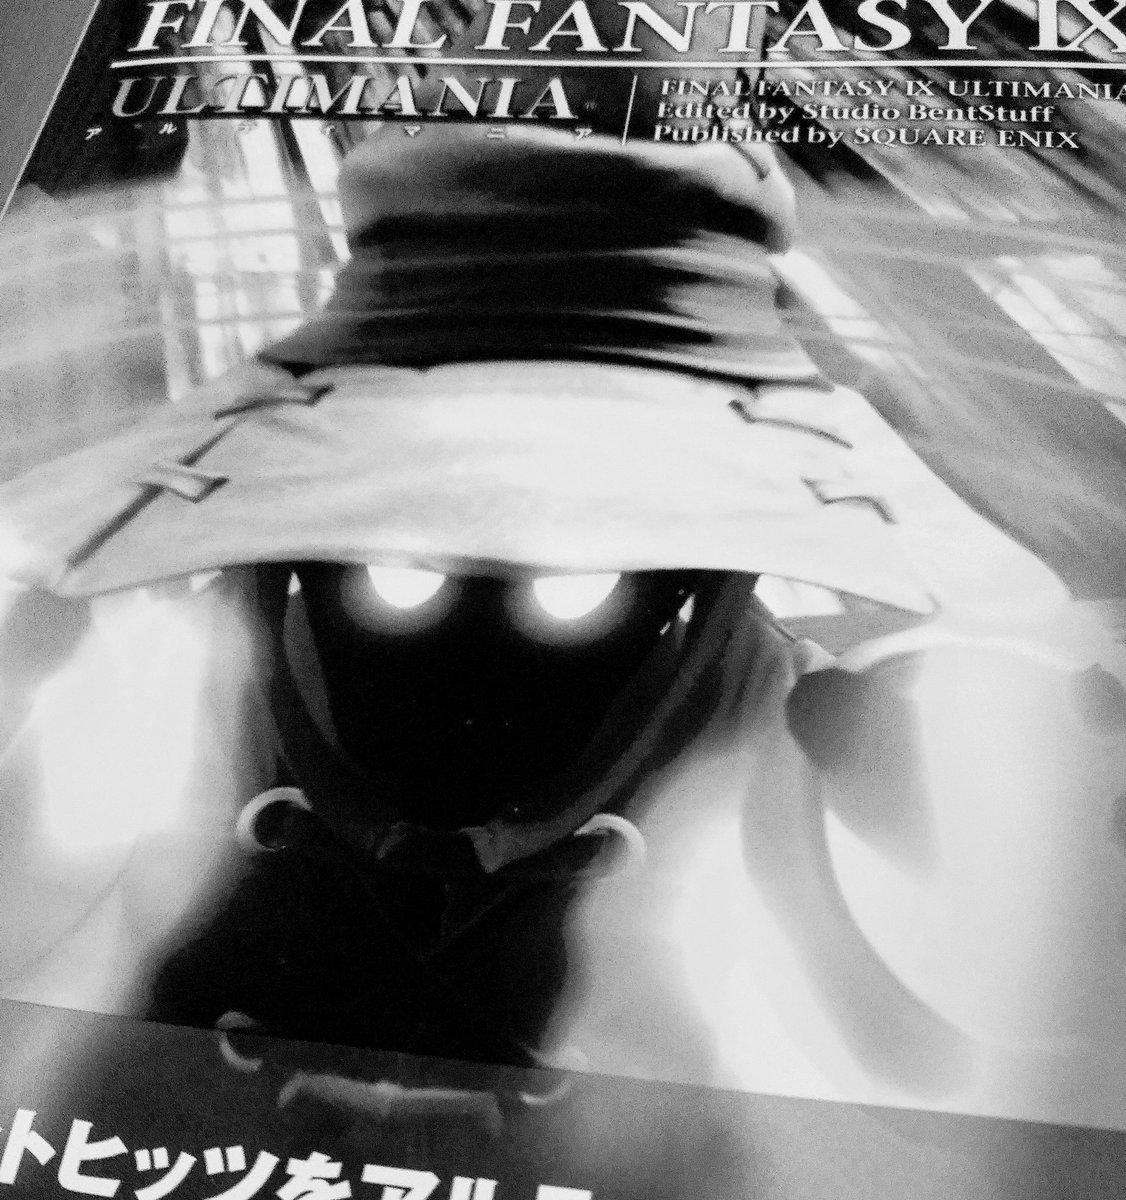 ゲームの攻略本読むのめっちゃ楽しいよねアルティマニアとか久し振りに読んだけど、今年FF9とか発売20年な気がするけど、当時ジタンより年下だったのに今やスタイナーより年上になってしまったけど年の流れががが